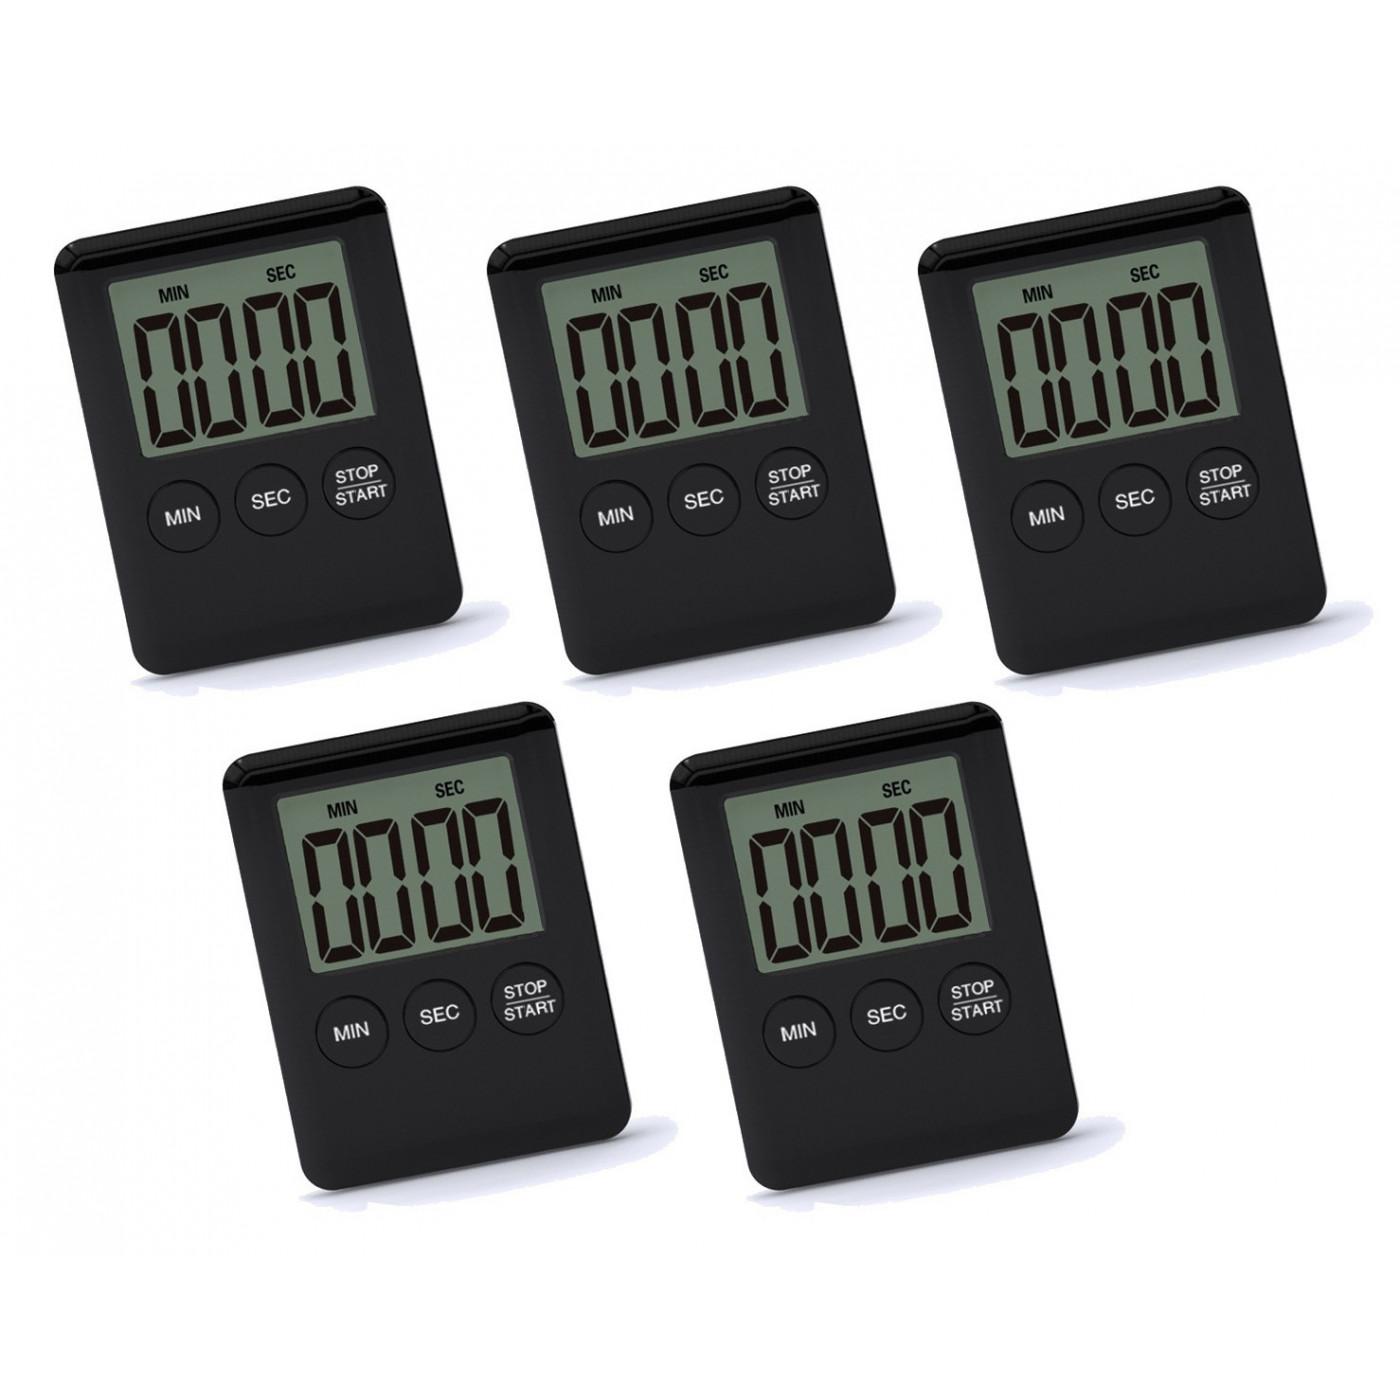 Conjunto de 5 temporizadores digitales, despertadores, negro  - 1